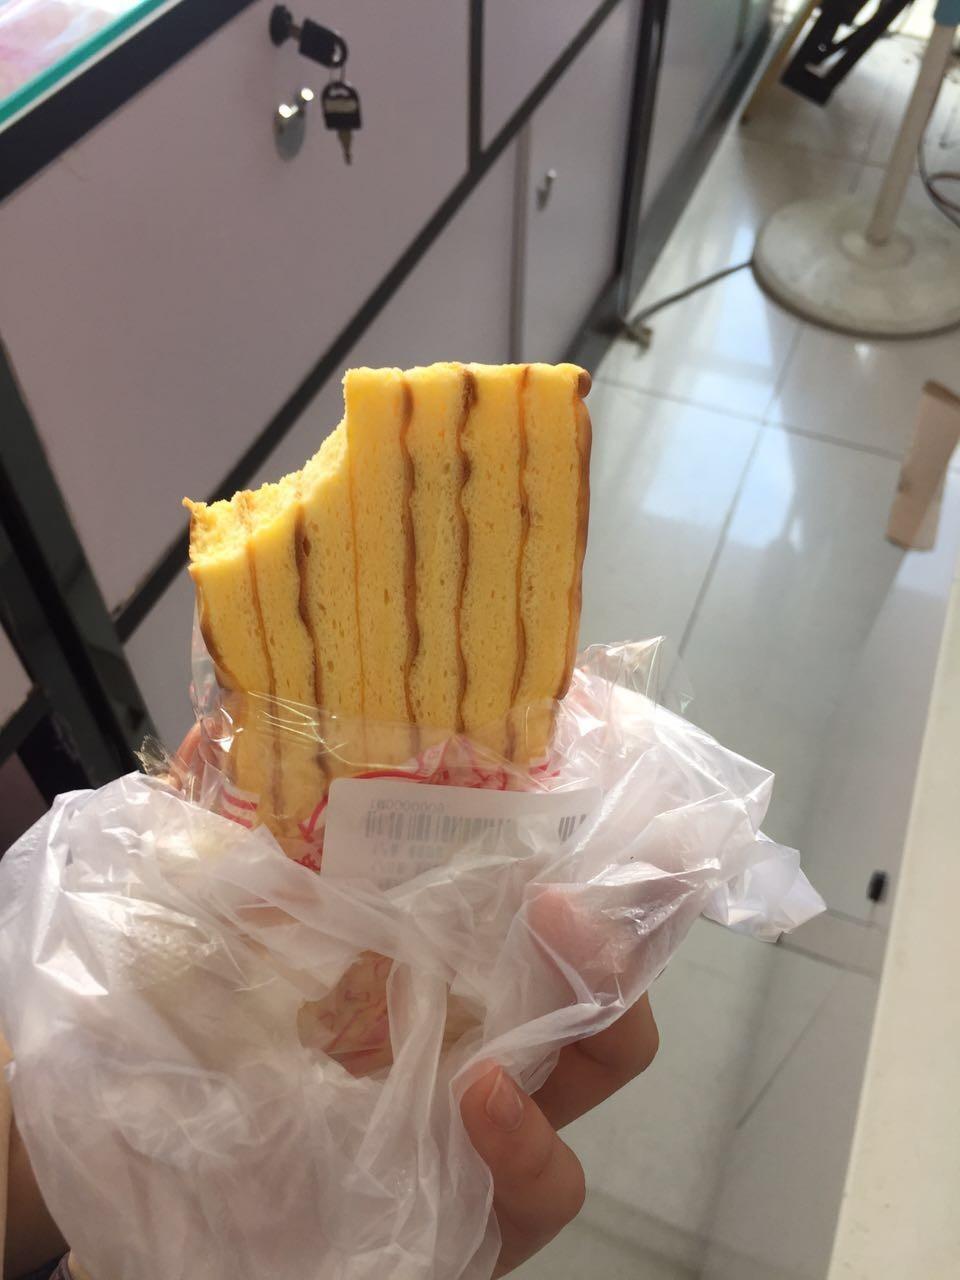 vsco日常食物调色